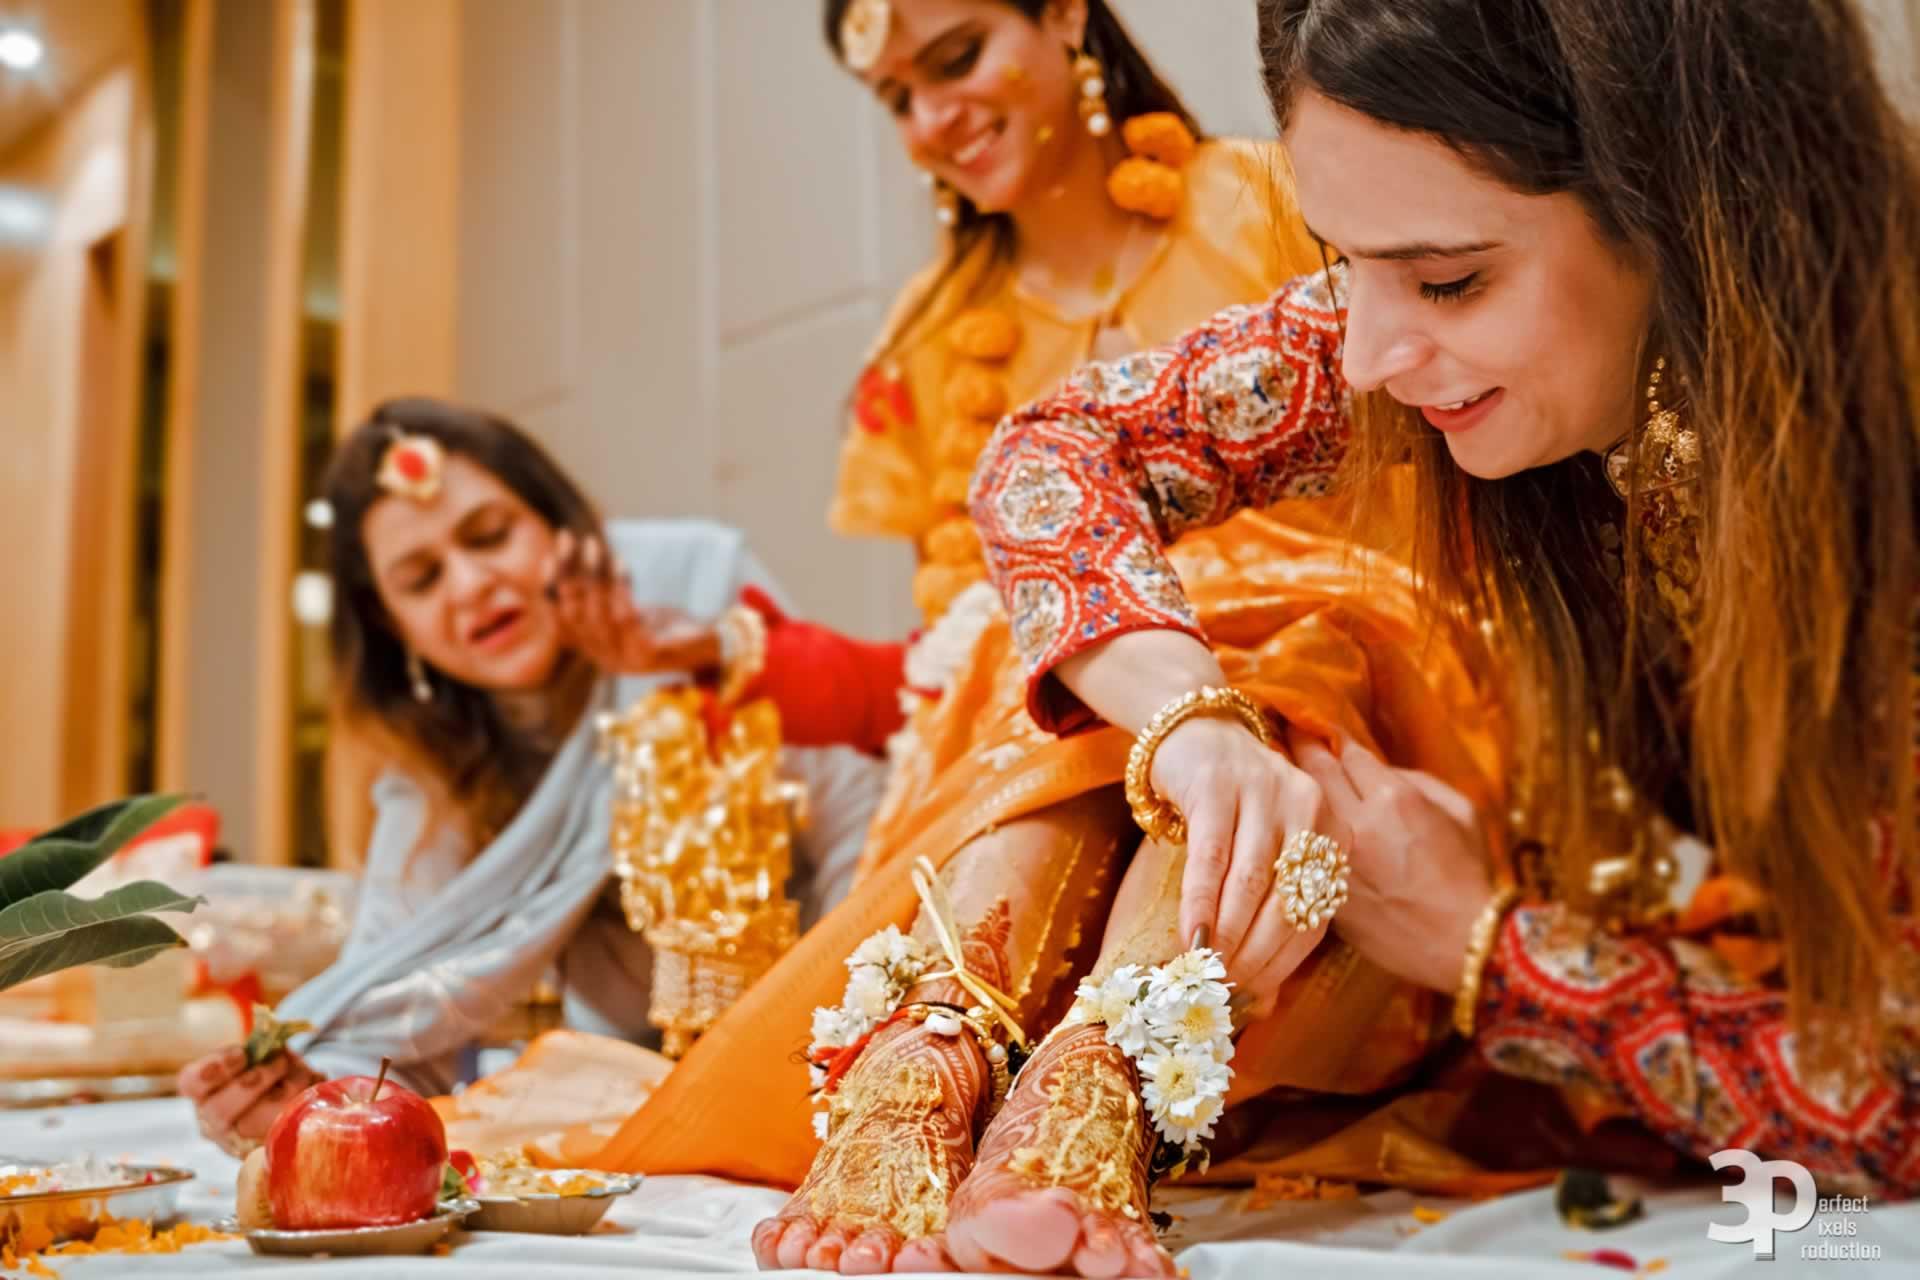 3P_Wedding_Chandigarh_Stories_Palak_Sachit